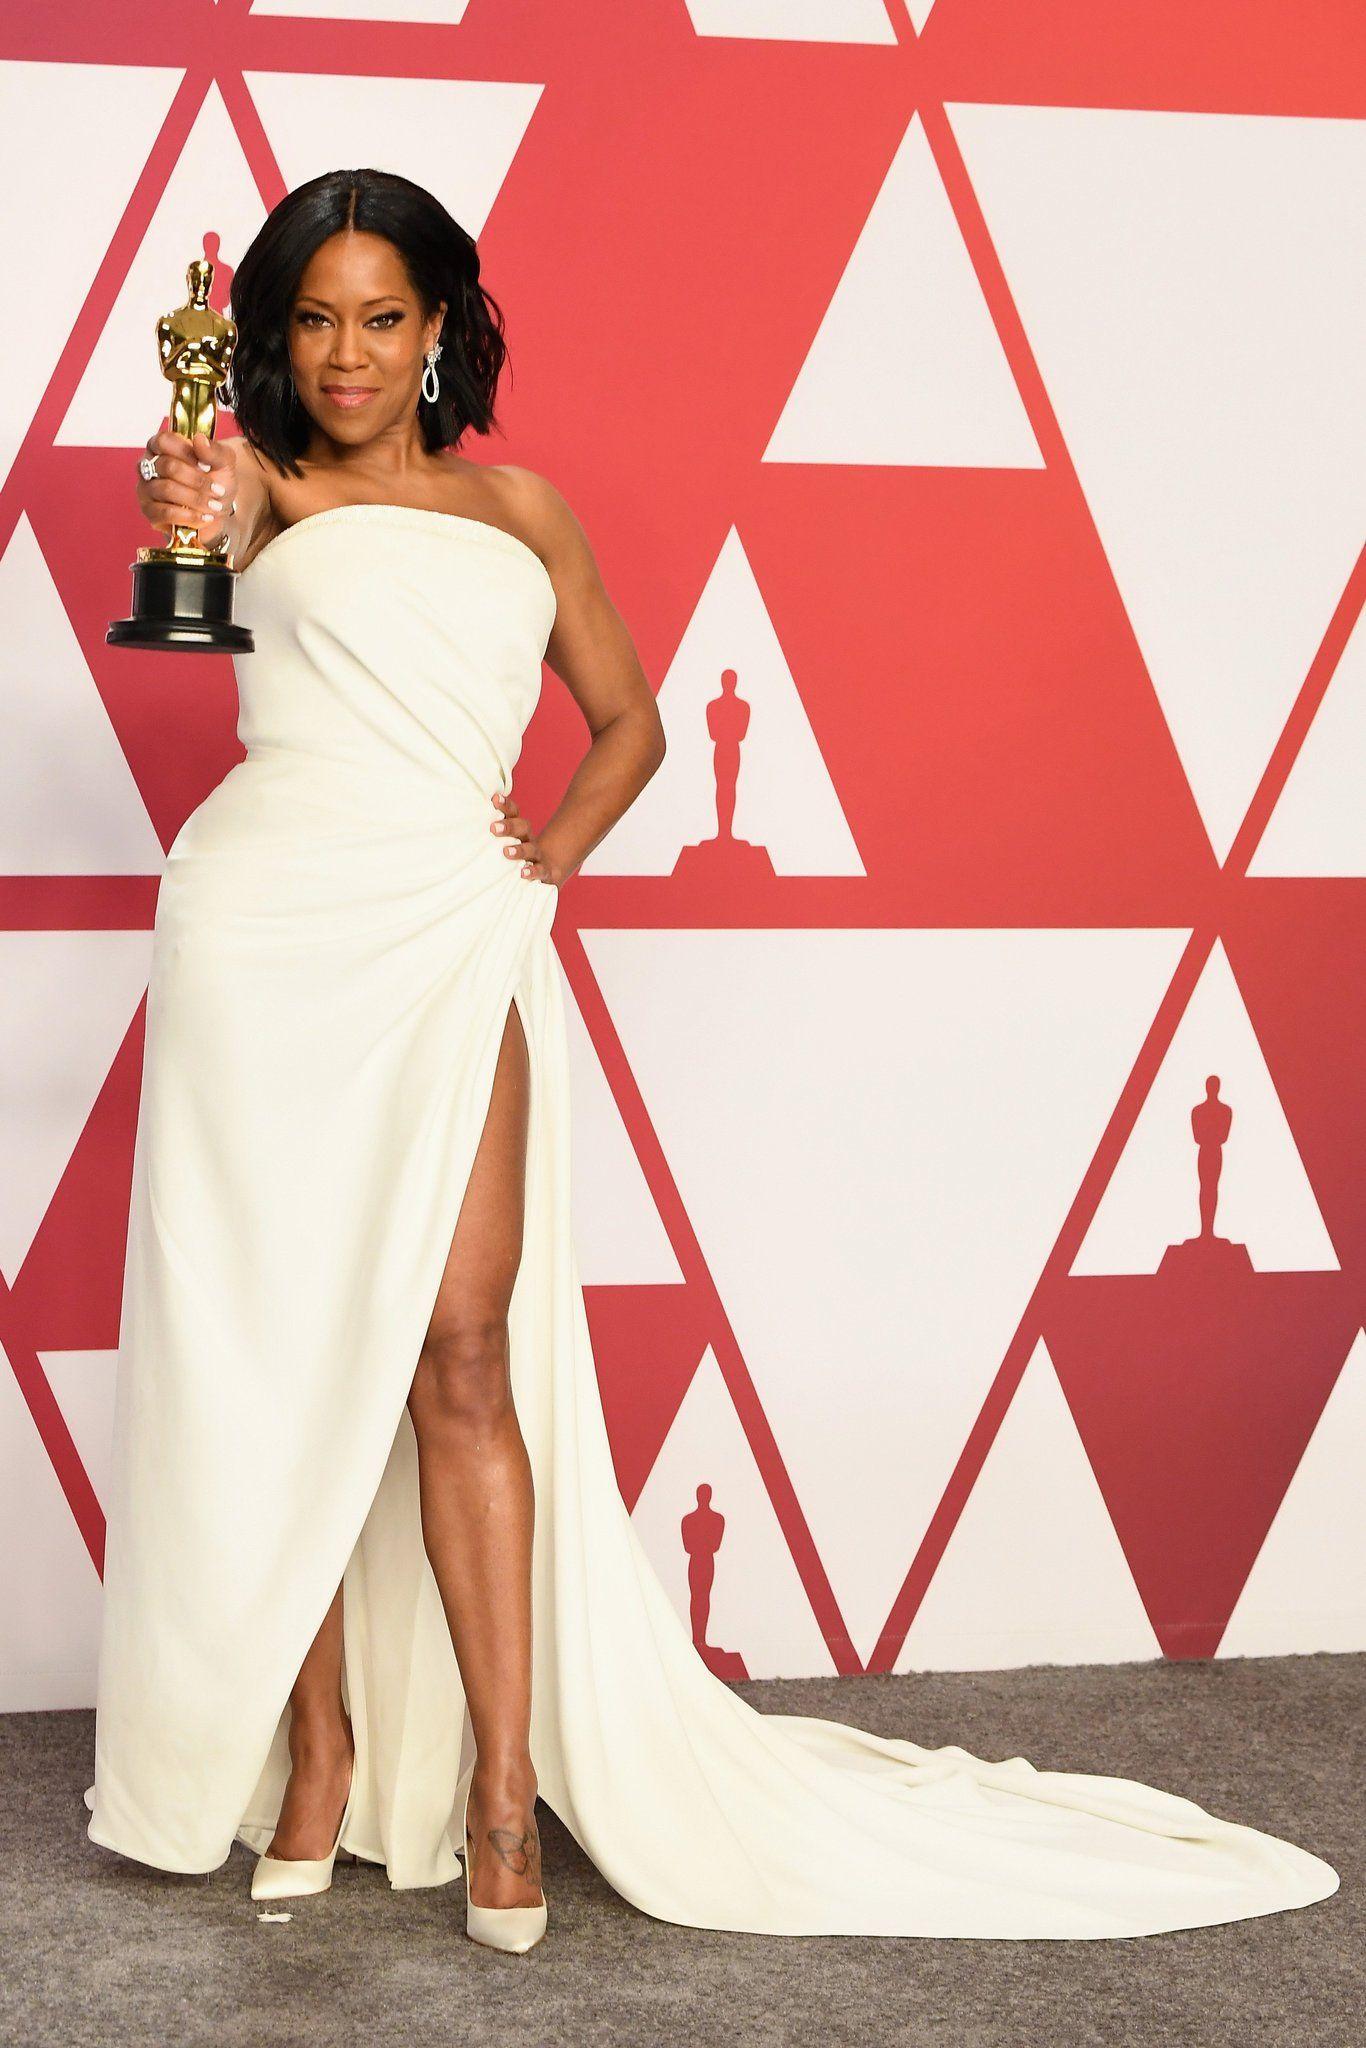 Regina King Oscars 2019 Oscar Winners 2019 Oscars 2019 Photos 91st Academy Awards Award Show Dresses Academy Award Dress Academy Awards Fashion